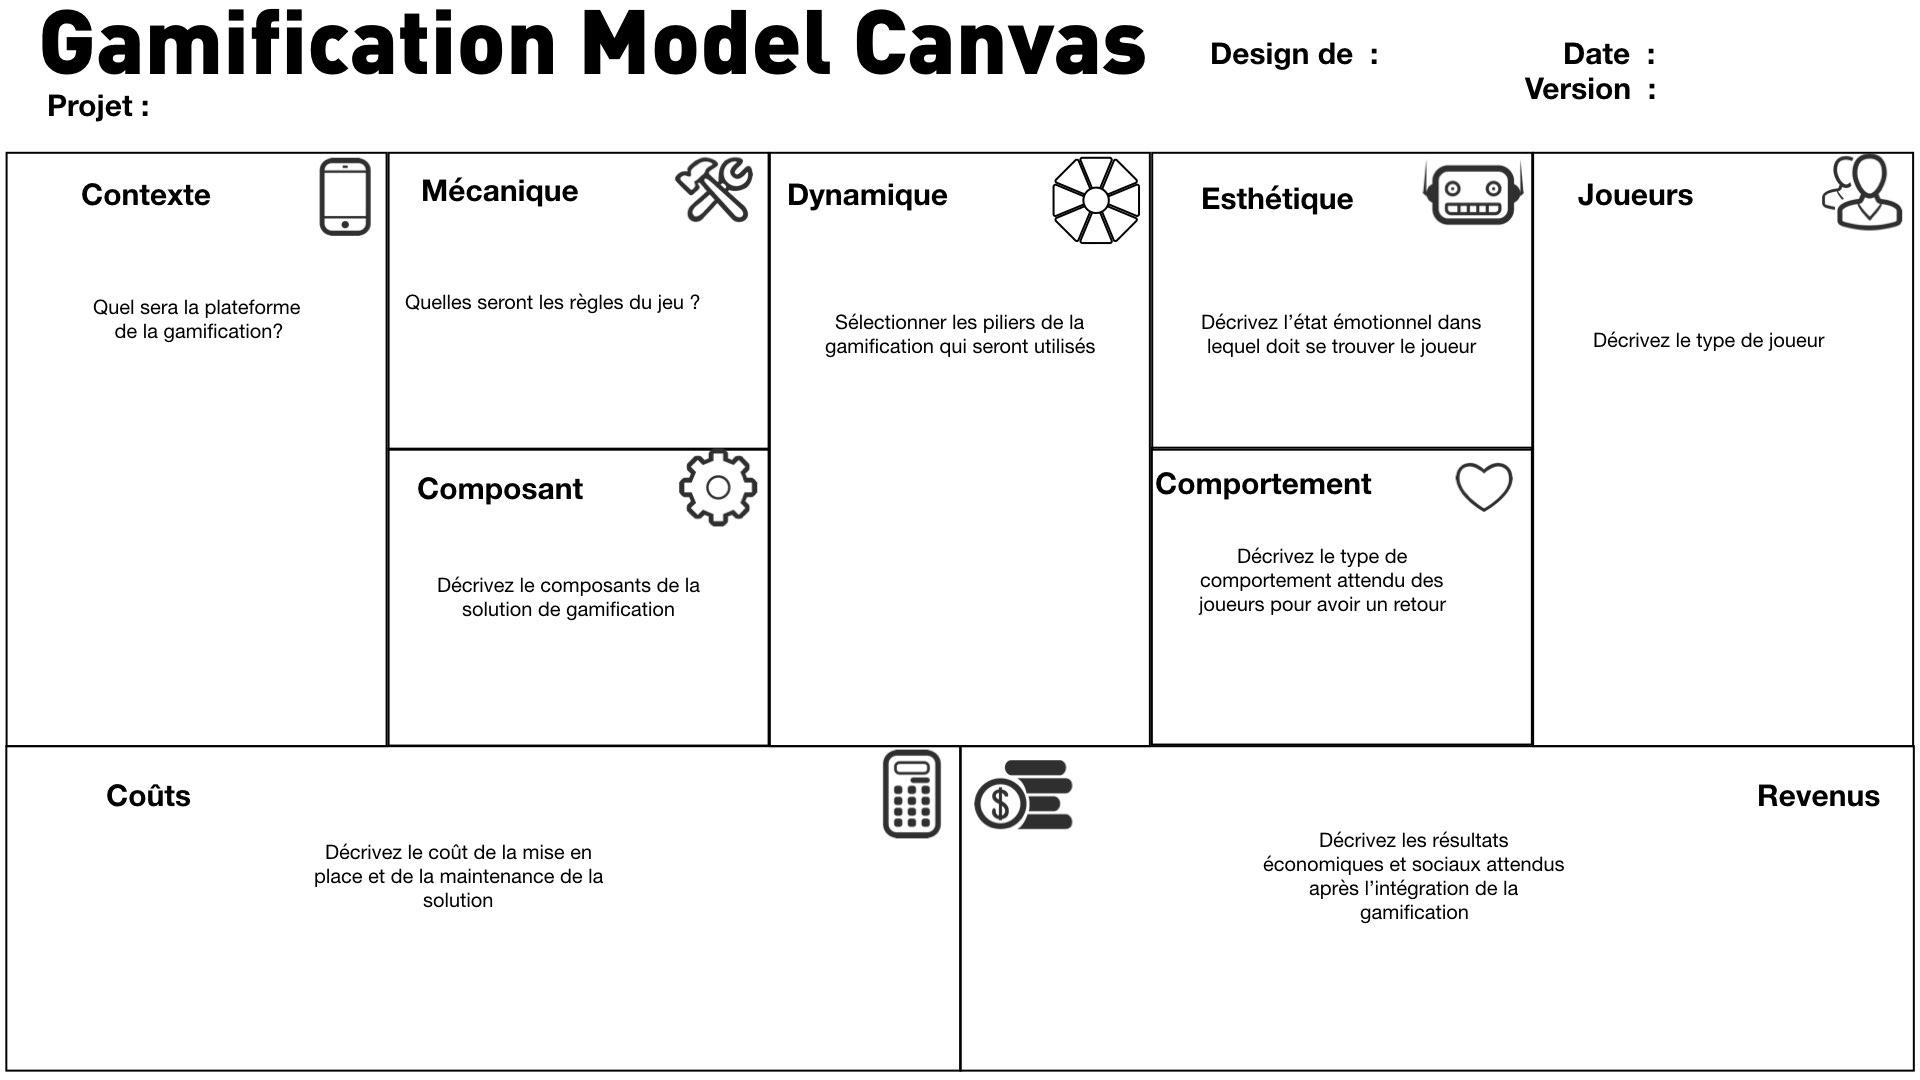 gamification canvas chaminade.001